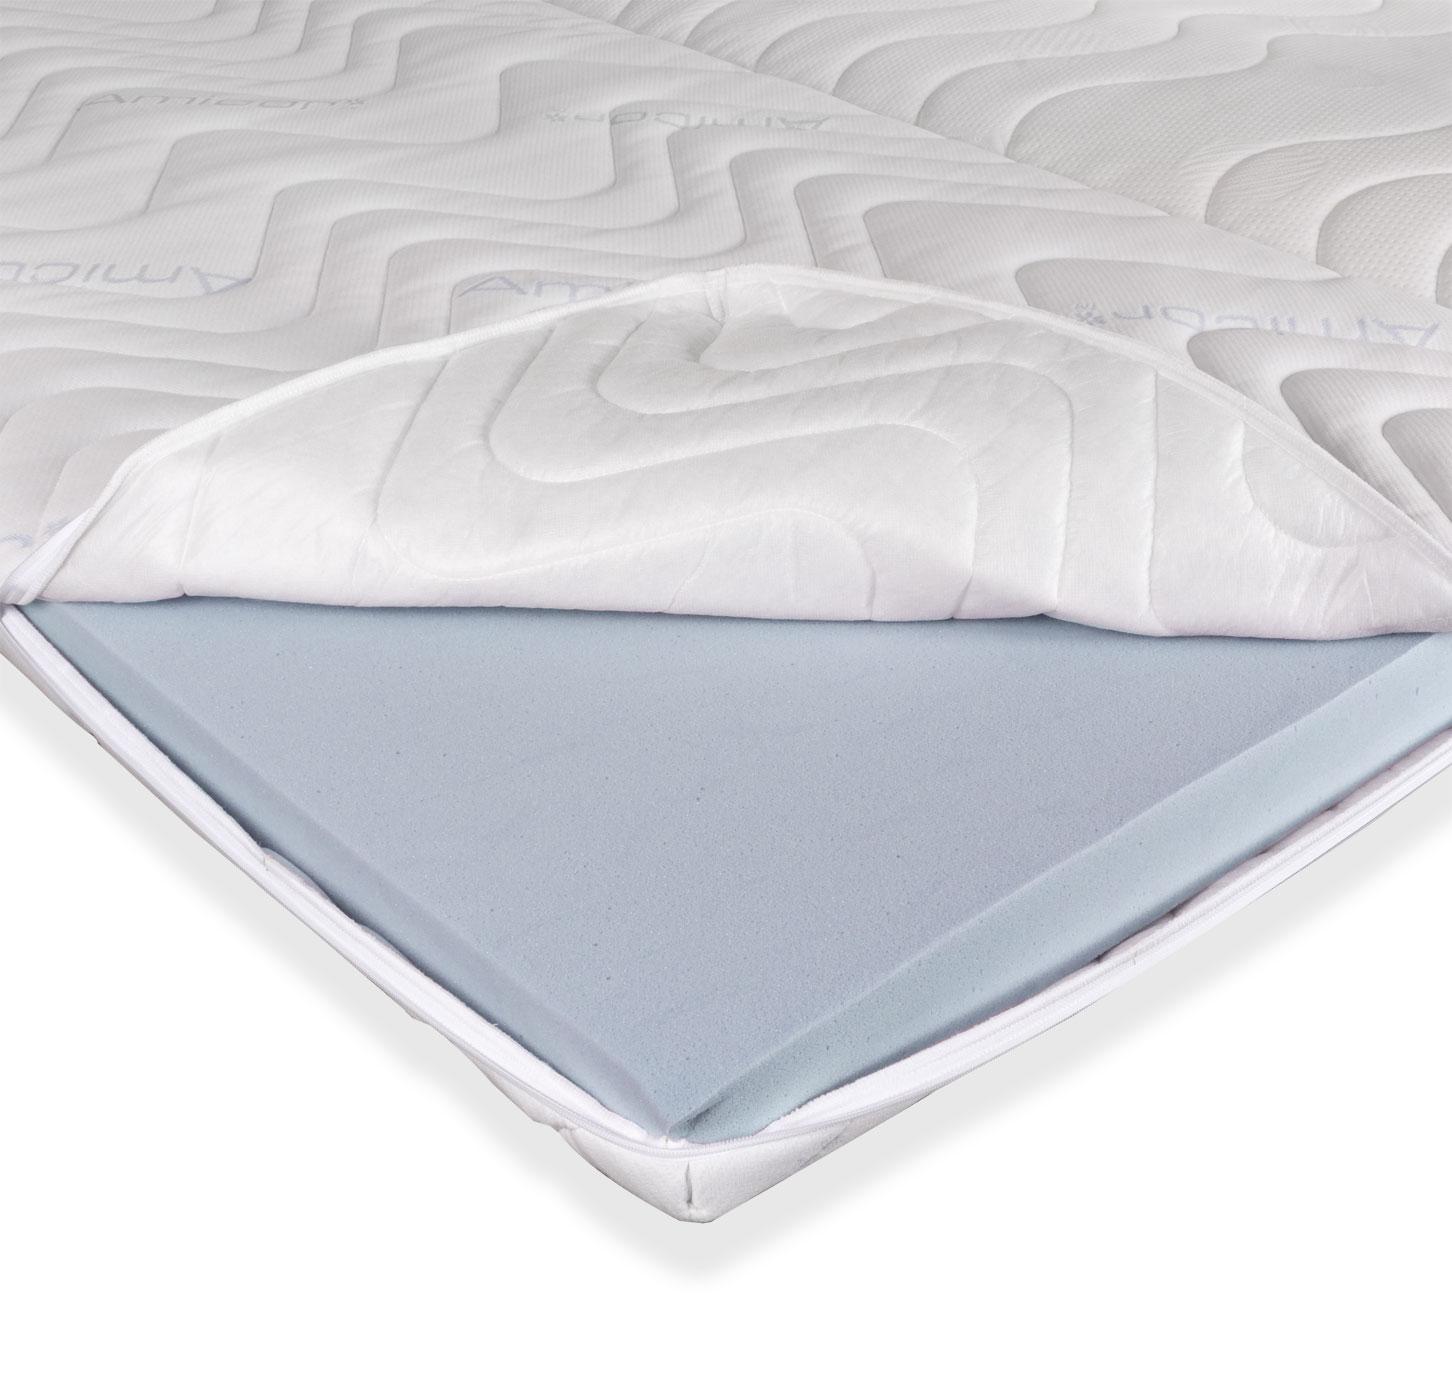 kaltschaum topper weich f r ihr boxspringbett. Black Bedroom Furniture Sets. Home Design Ideas